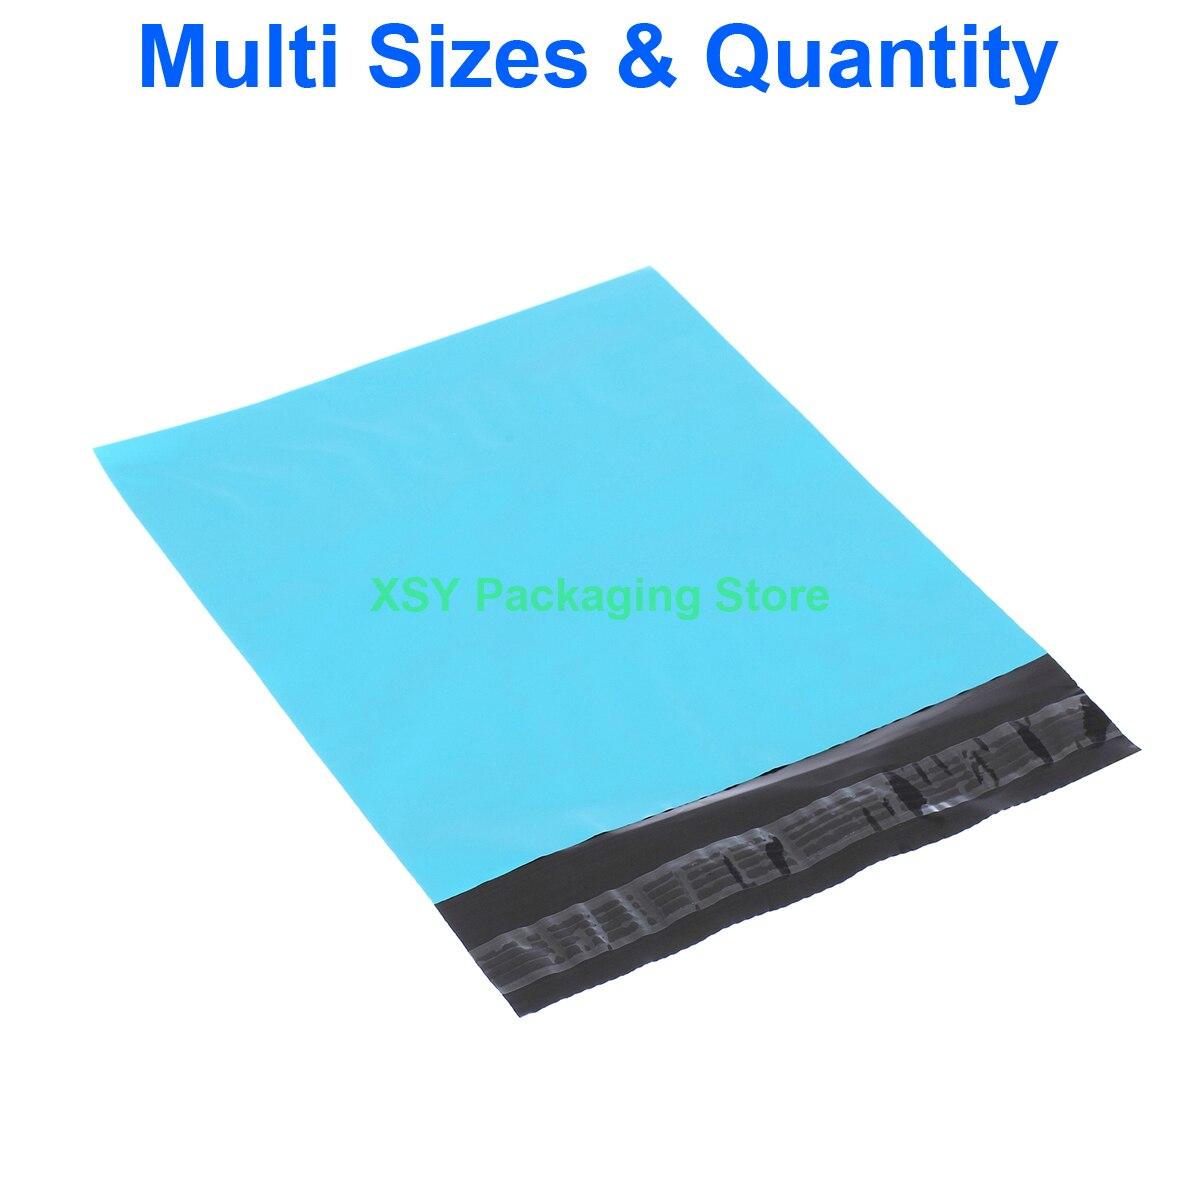 """Разные размеры синие не объемные конверты полиэтиленовые почтовые пакеты (ширина 8 """"-12,5"""") x (длина 8,5 """"-15"""") eq. (200-320 мм) x (220-390 мм)"""